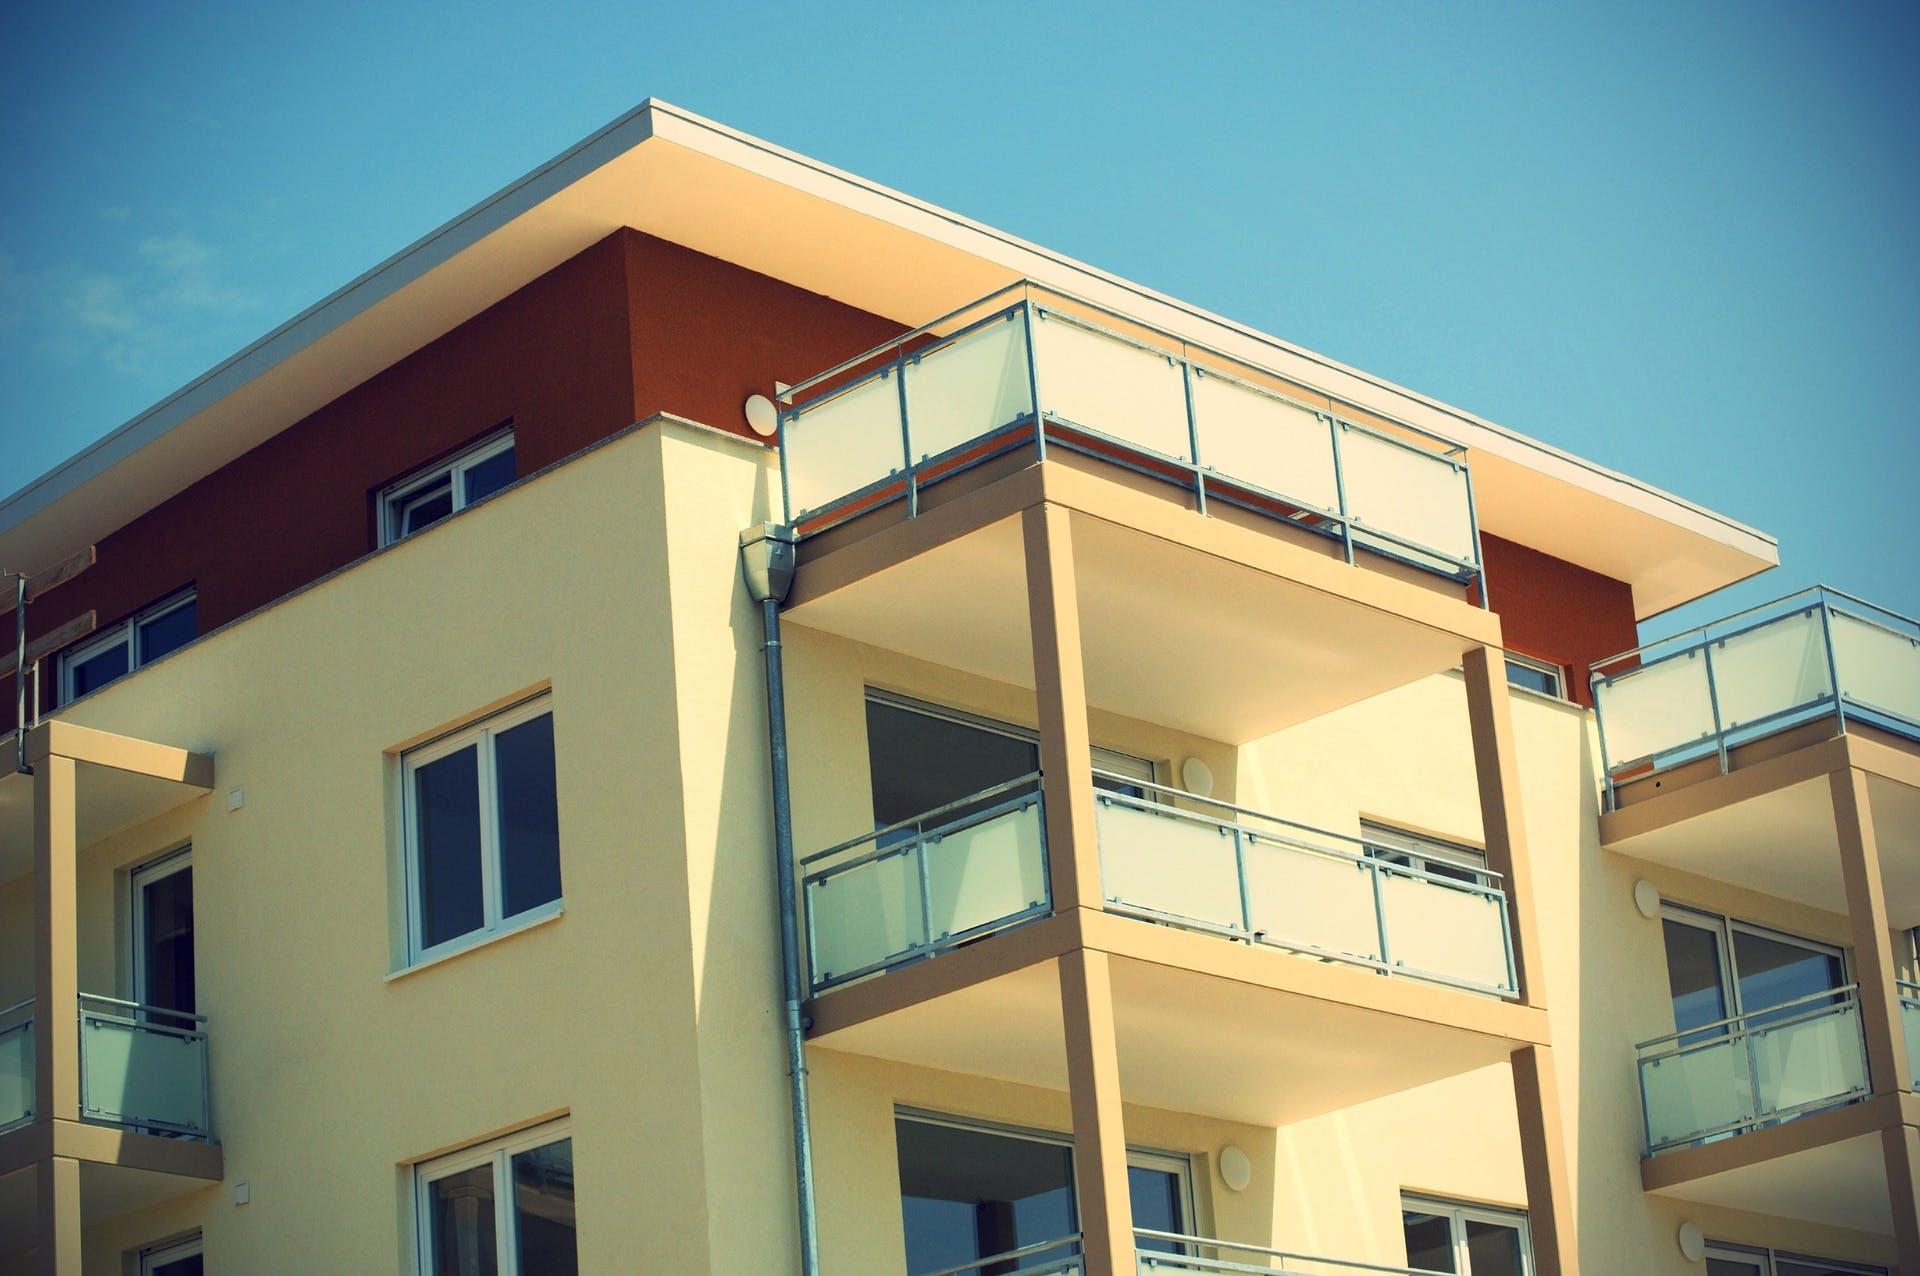 家賃収入を得る方法は?正しい知識を身に付けて不動産投資に生かそう